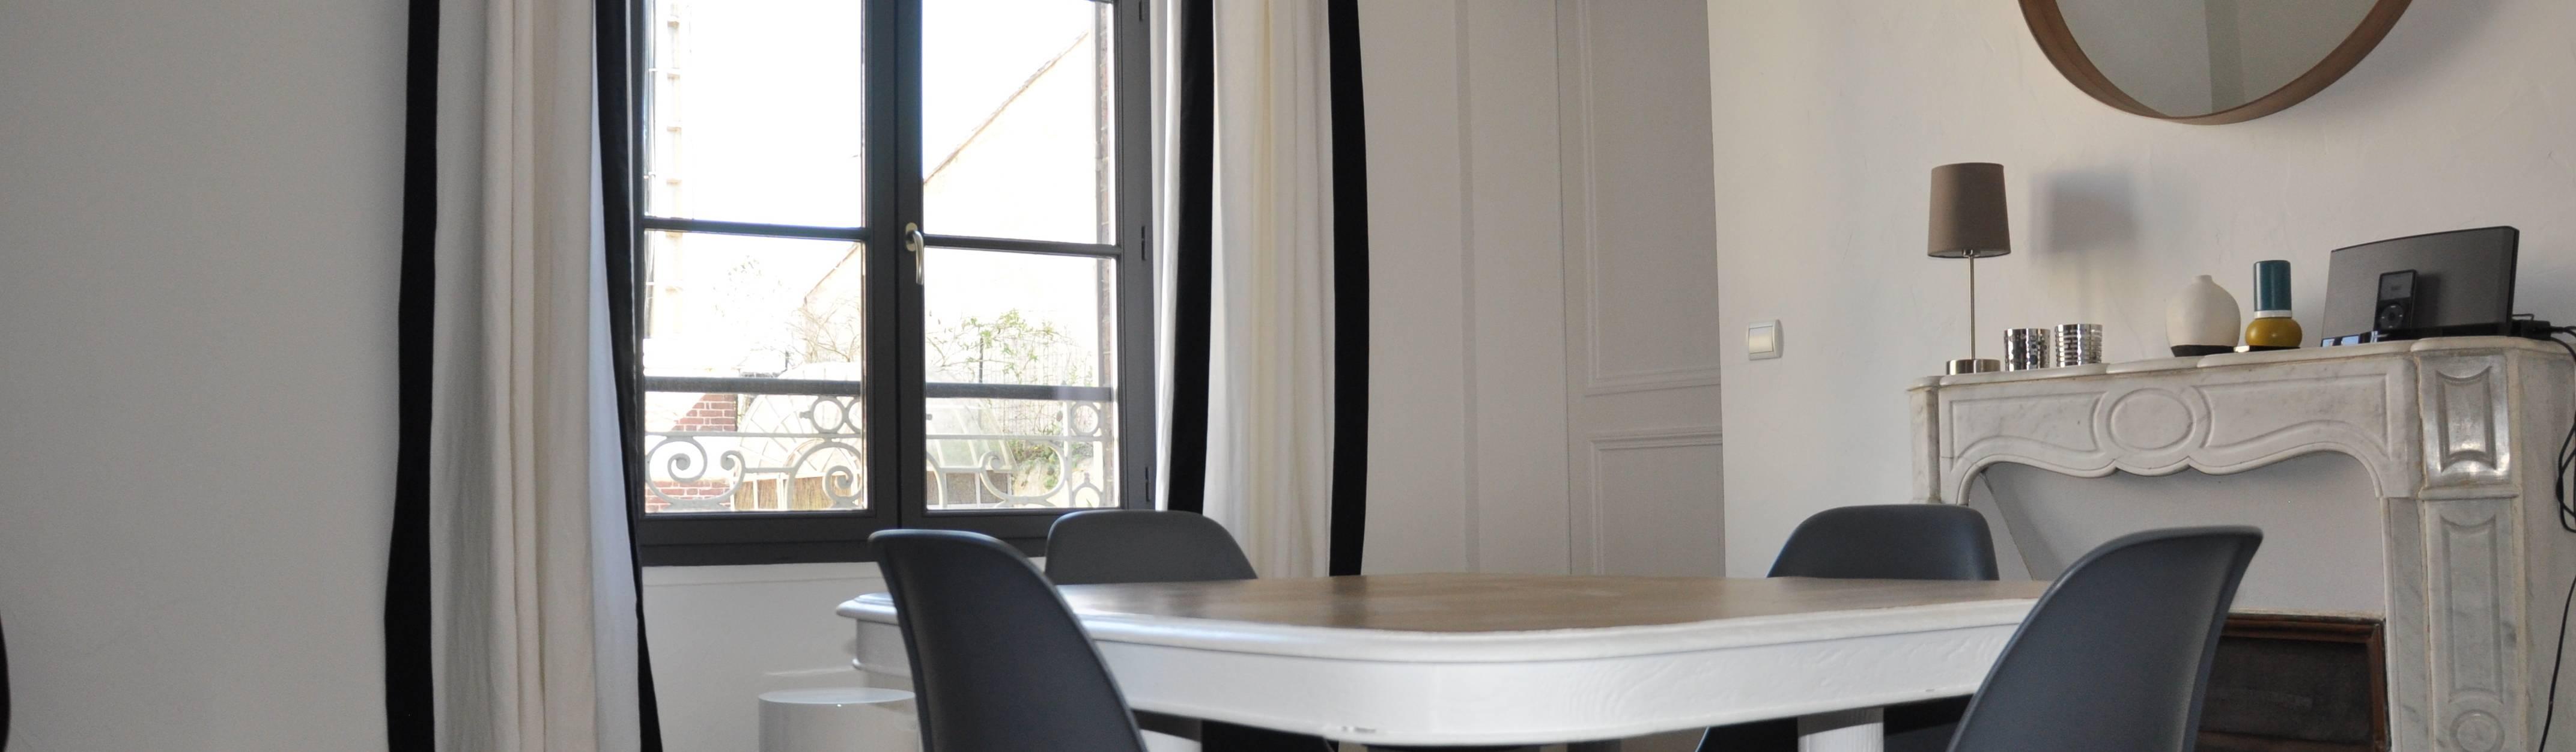 Corinne Decerle Architecture et Décoration d'Intérieur